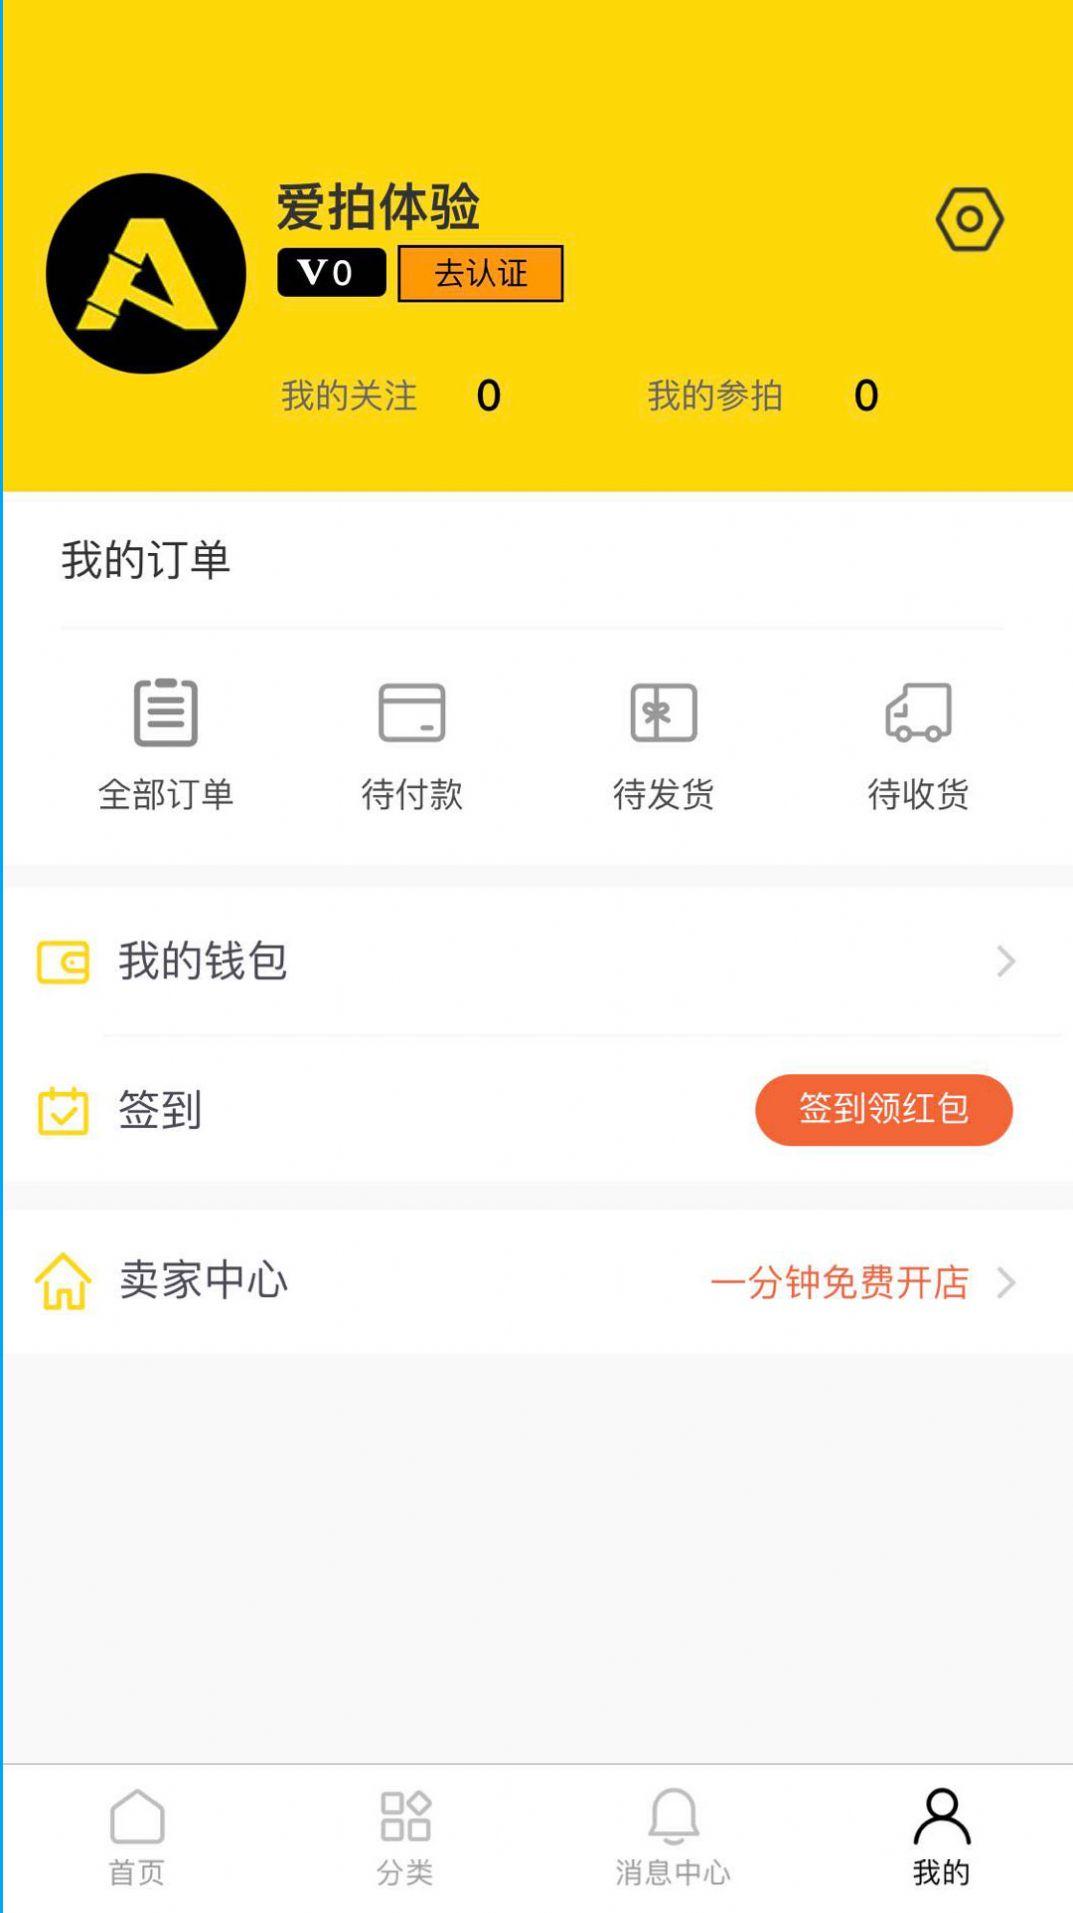 爱拍堂APP最新手机版图3: